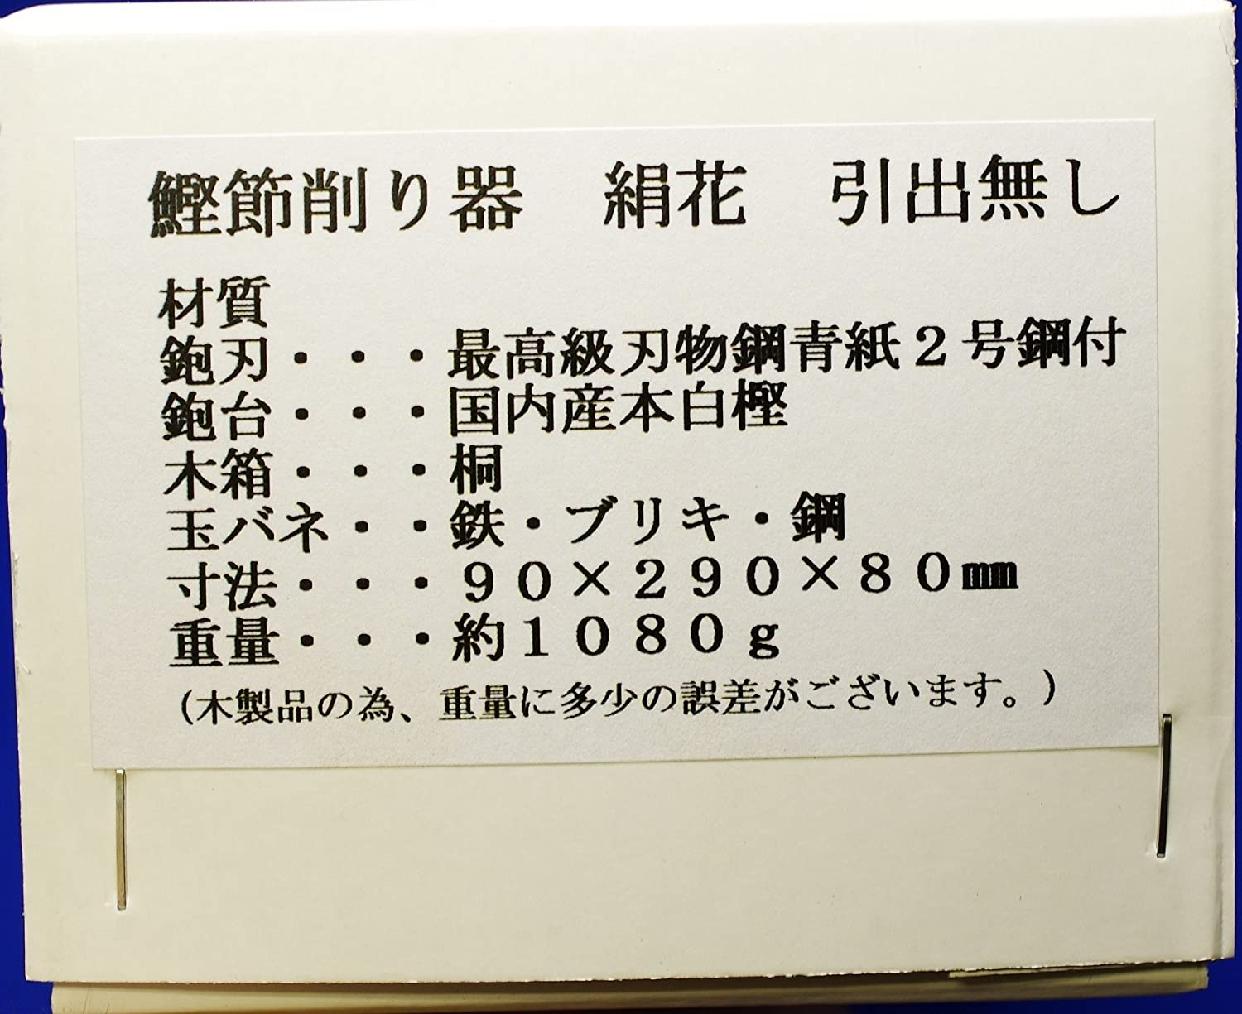 かつおぶしの中野 鰹節削り器「絹花」鹿児島産 本枯腹節 1本付の商品画像4